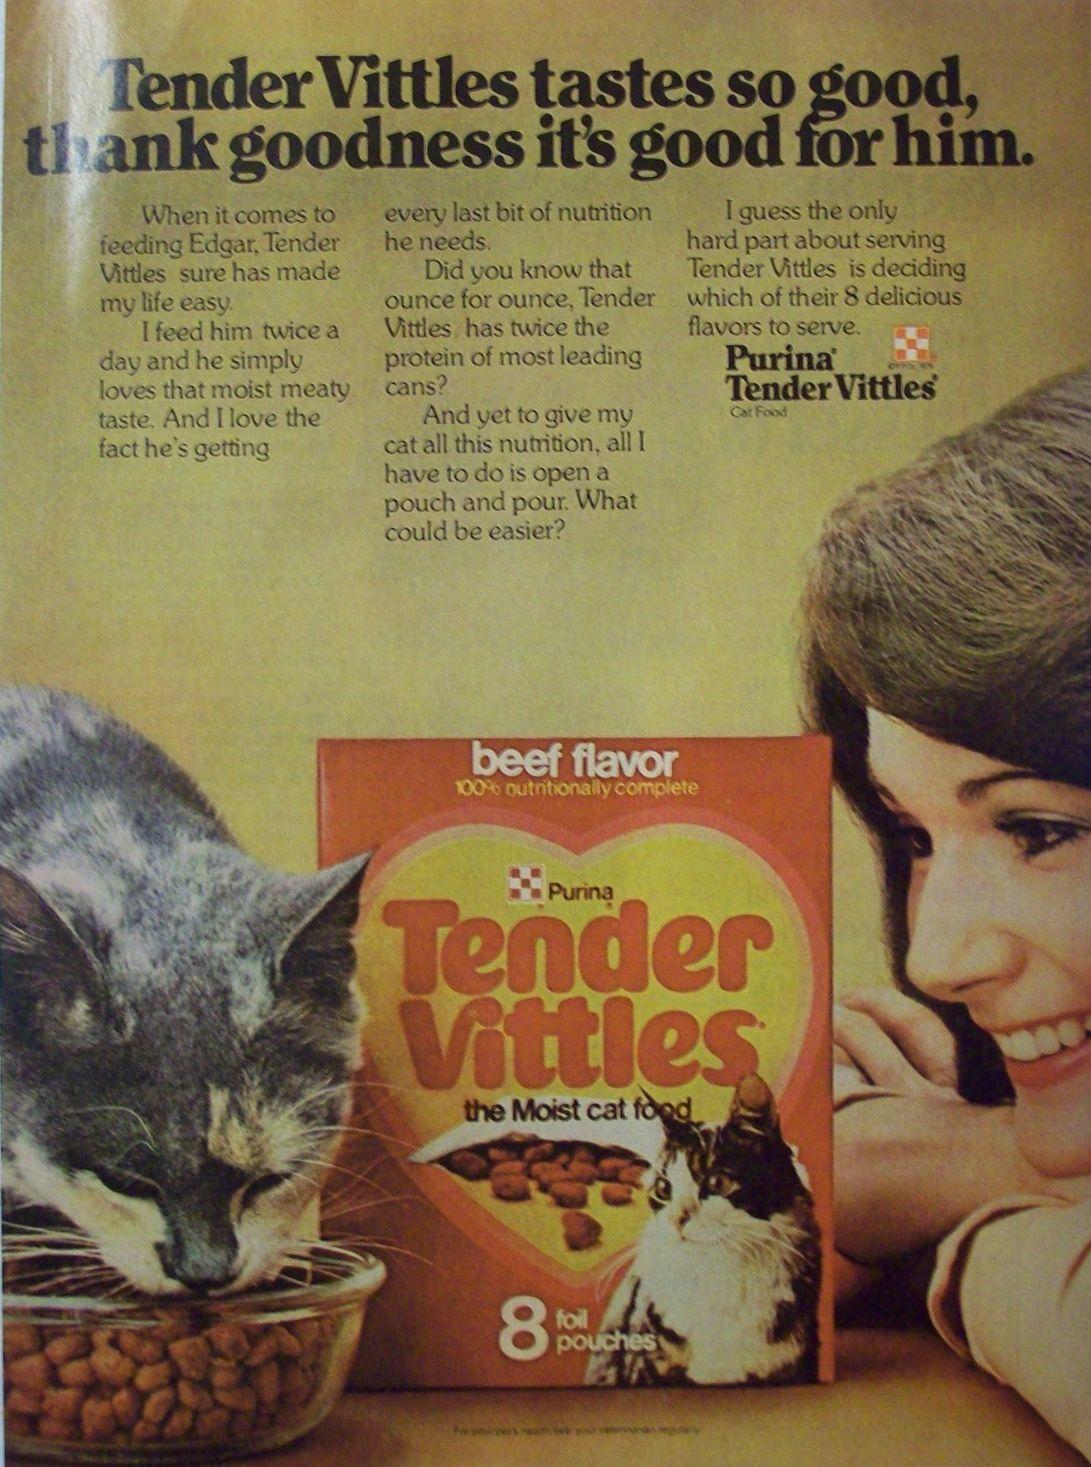 Purina Tender Vittles Cat Food Vintage Advertisement 1979 Good